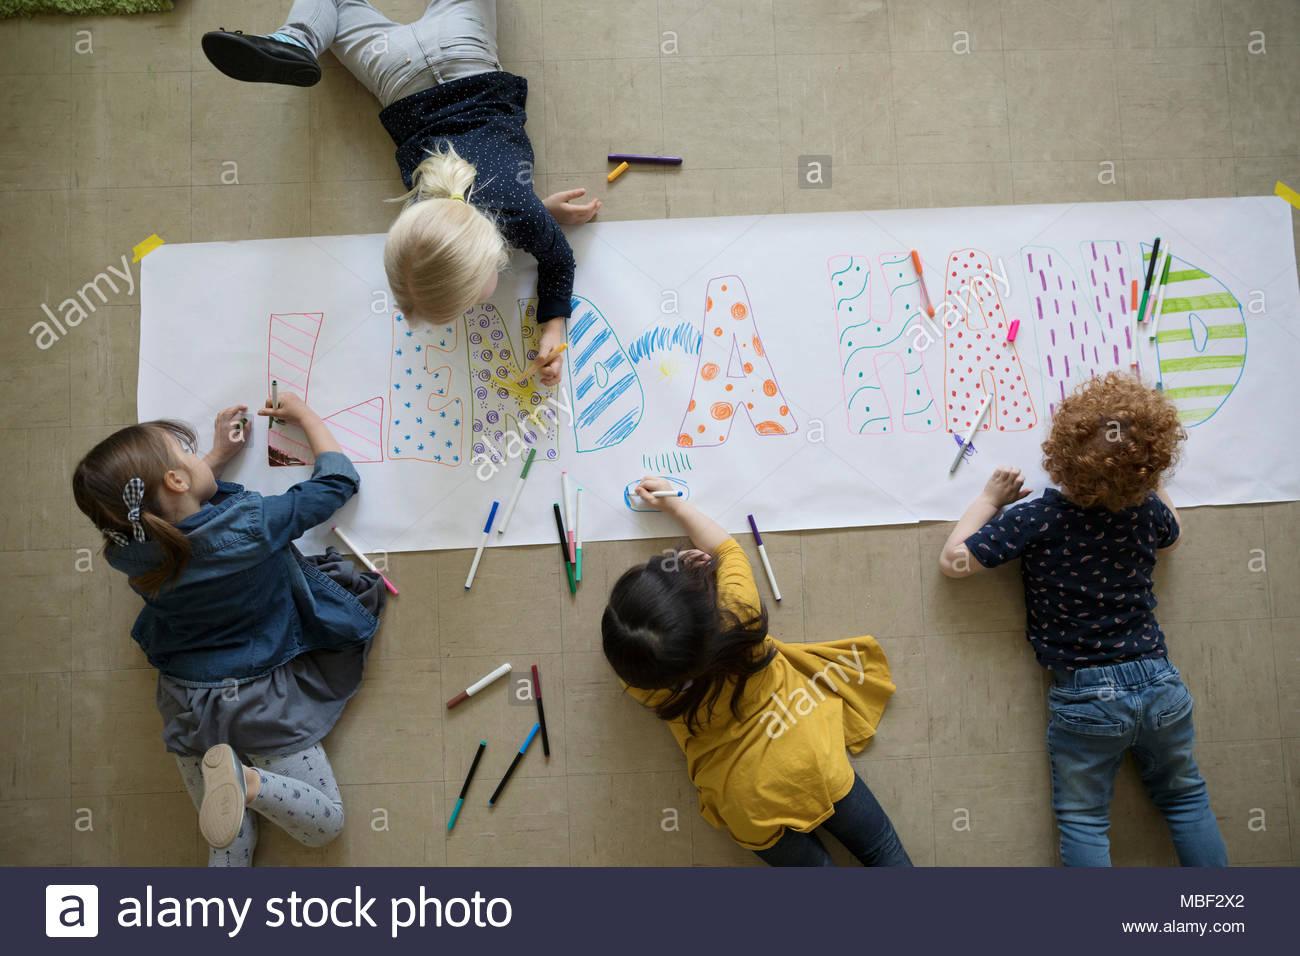 La comunidad, enfocada a los estudiantes preescolares con marcadores en un póster de dibujo Imagen De Stock